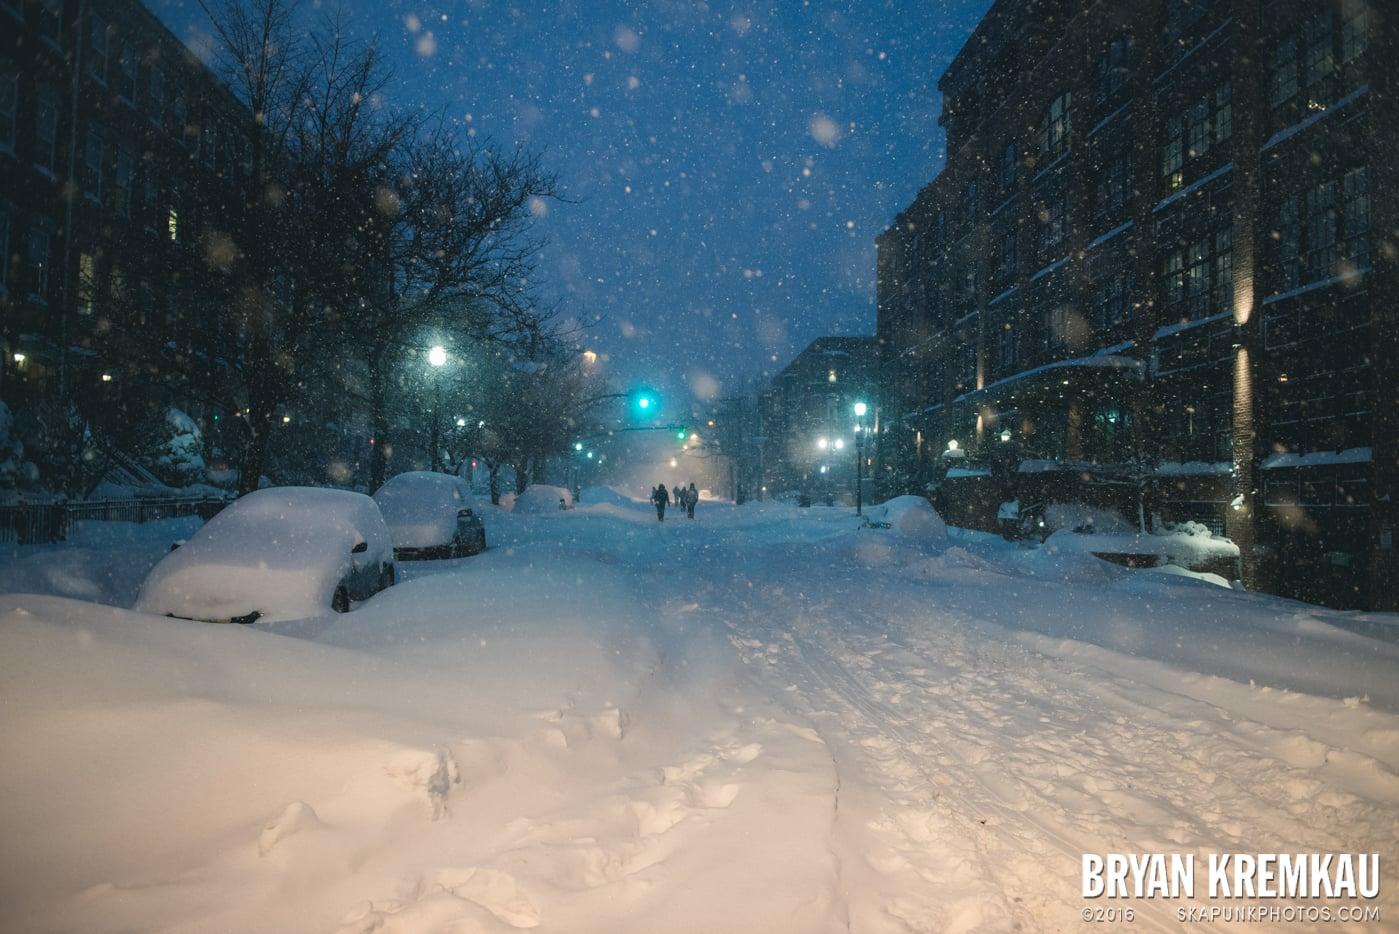 Blizzard 2016 in Jersey City, NJ - 1.23.16 (24)